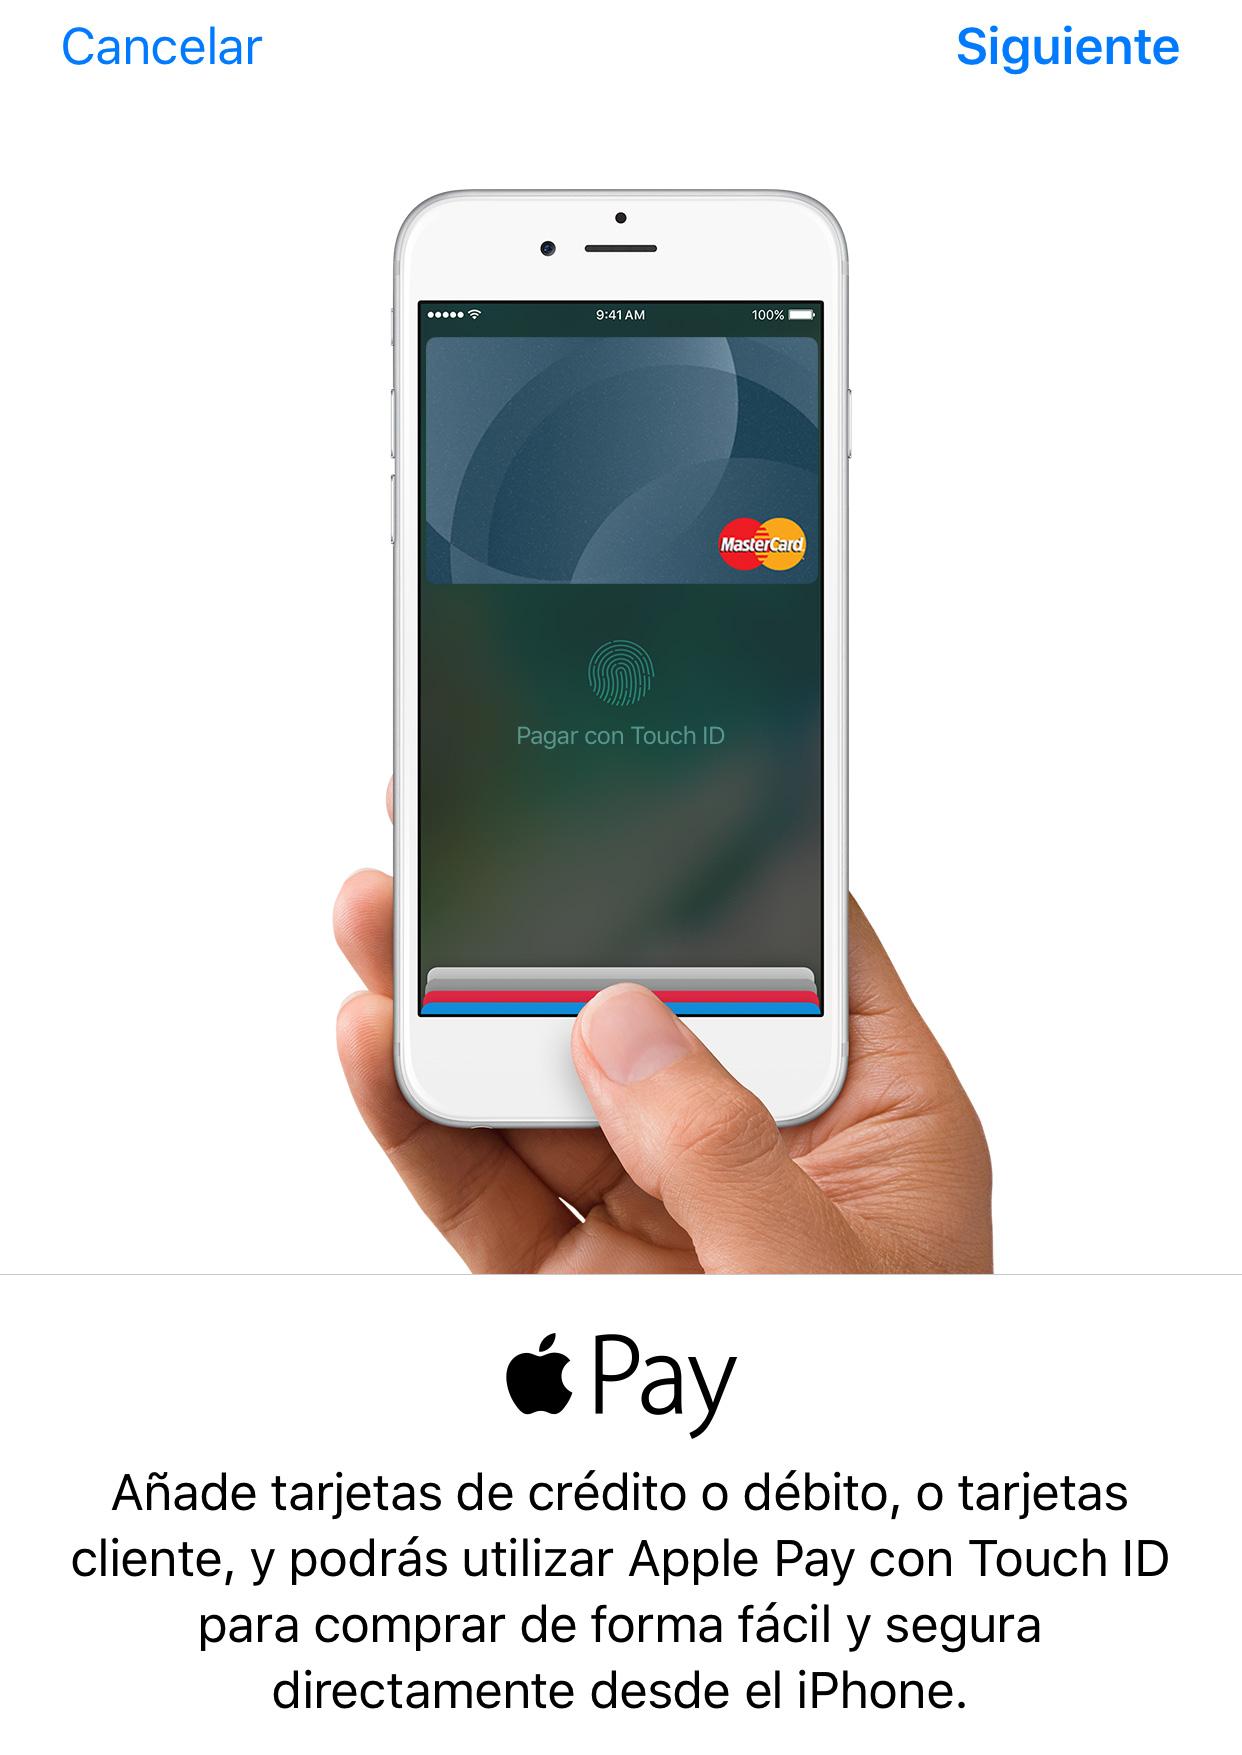 Registro de nueva tarjeta en la App de Wallet